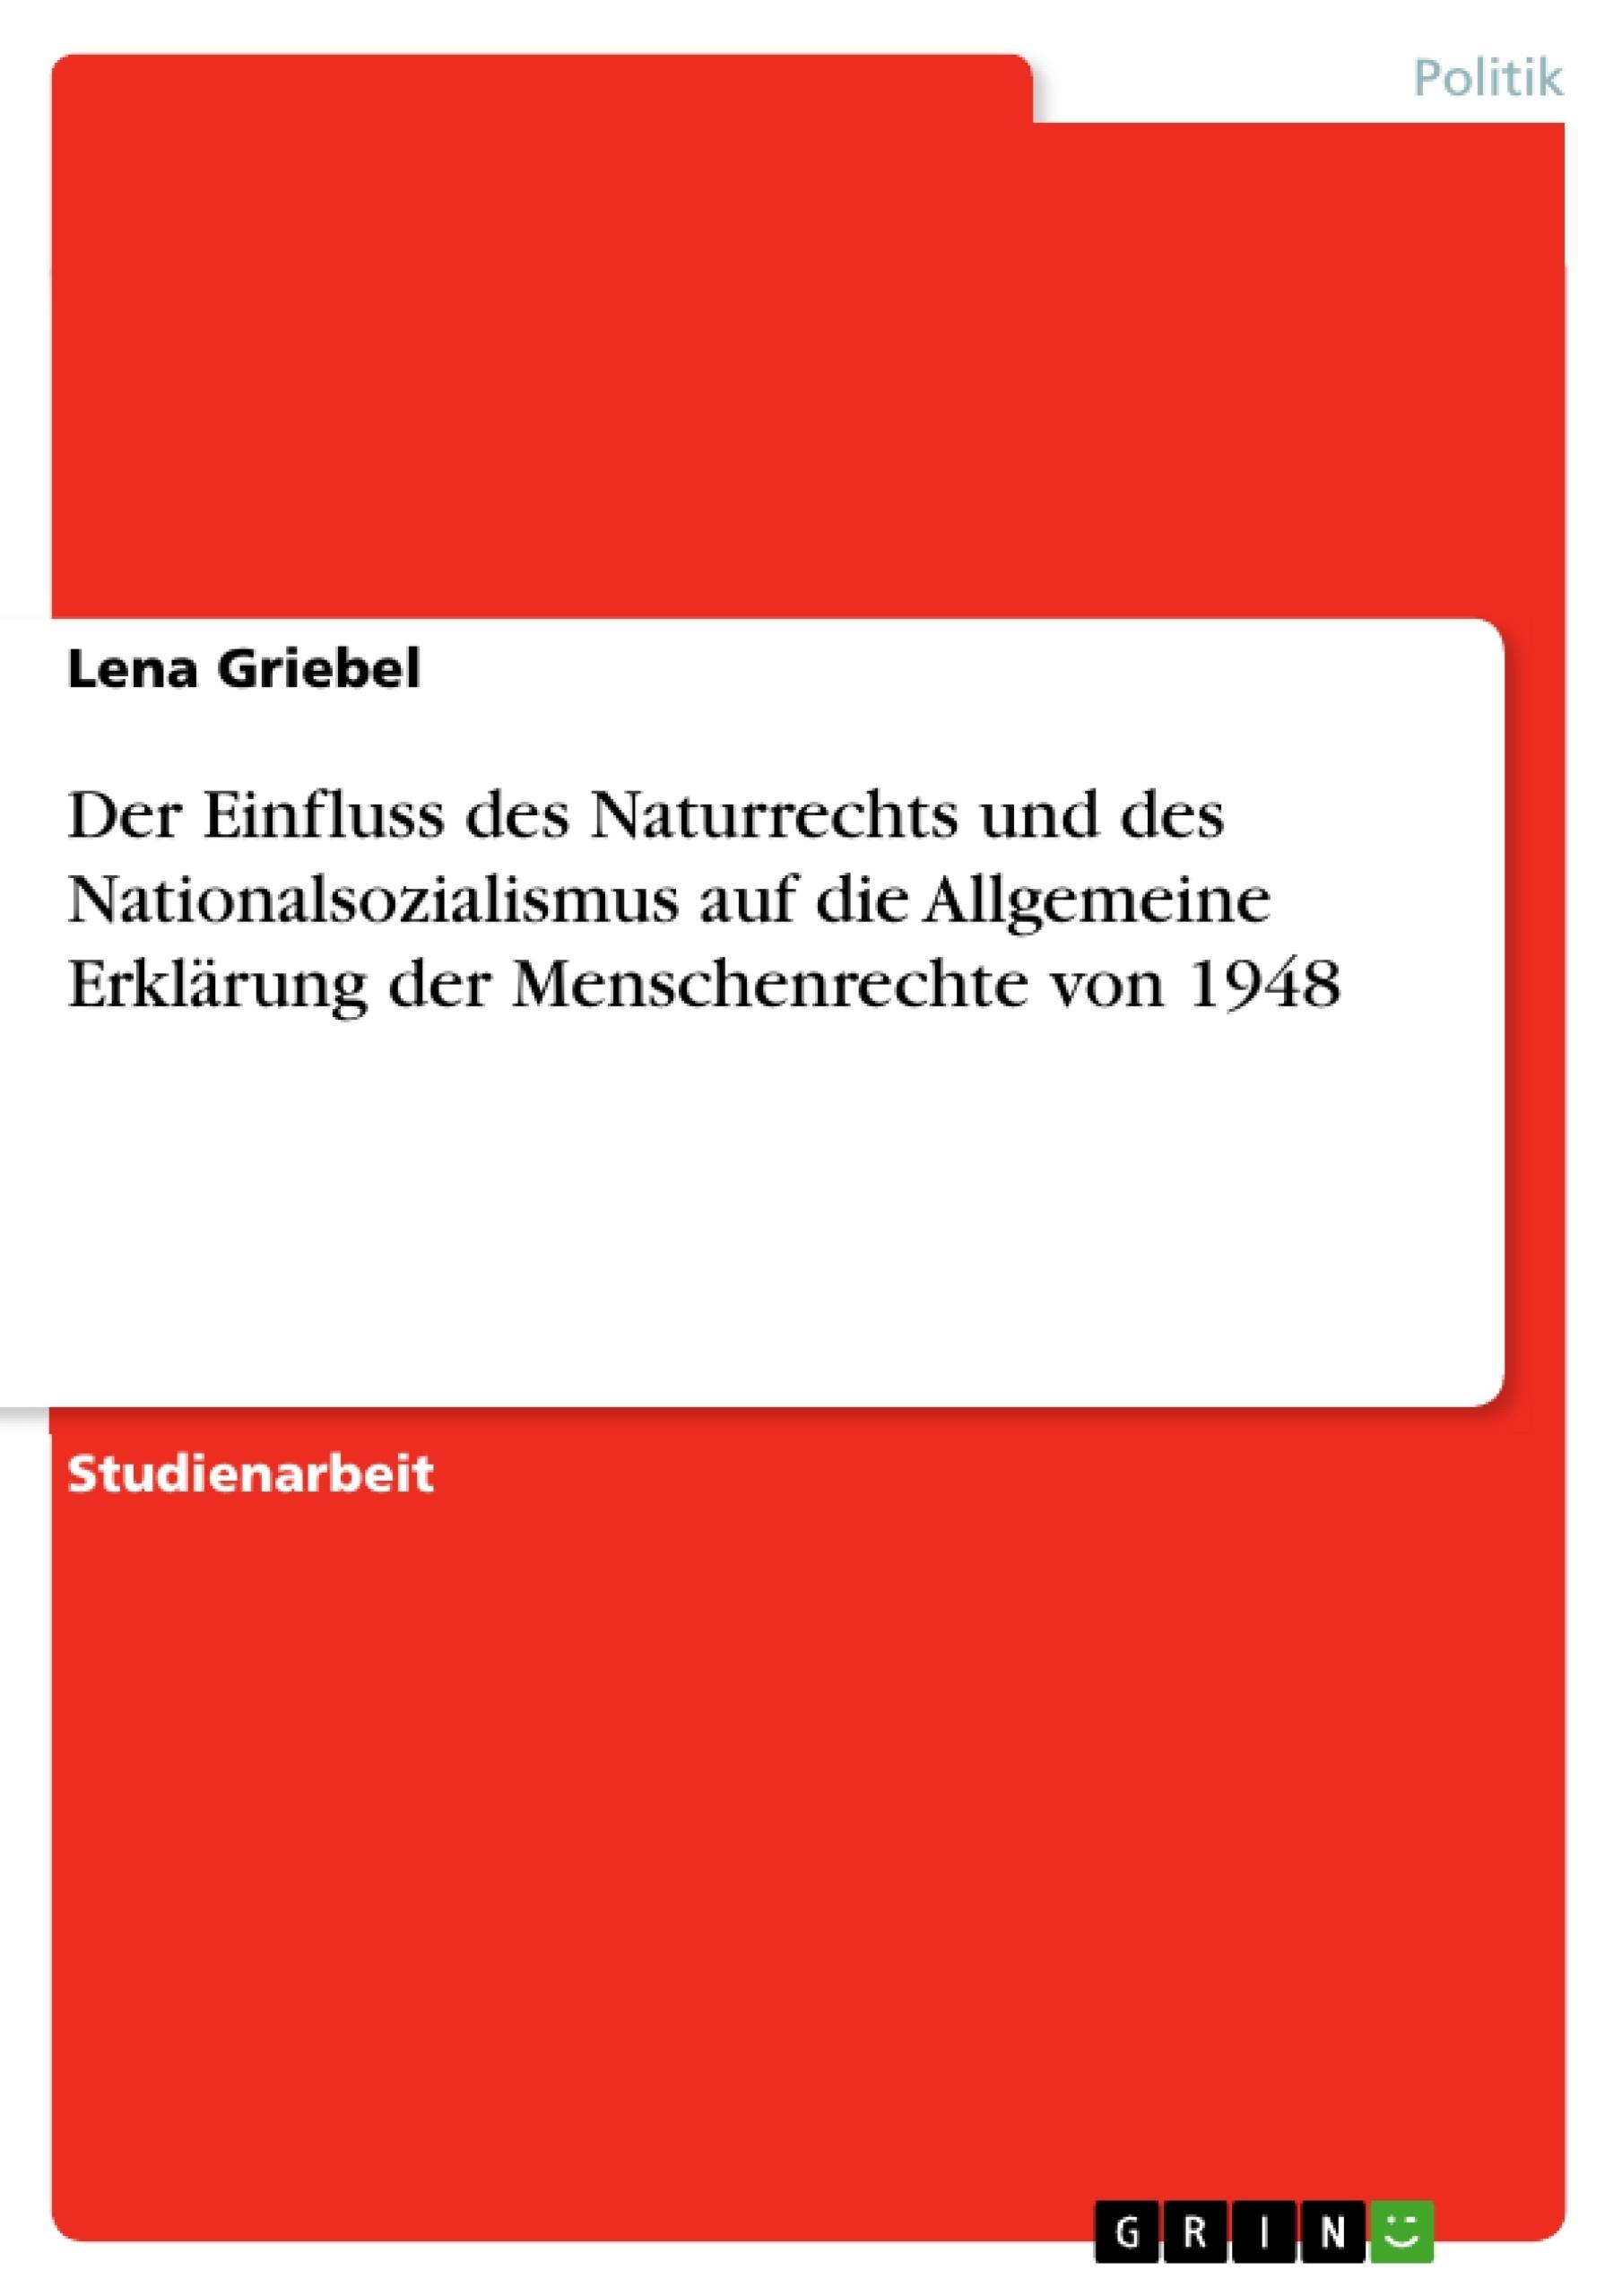 Titel: Der Einfluss des Naturrechts und des Nationalsozialismus auf die Allgemeine Erklärung der Menschenrechte von 1948